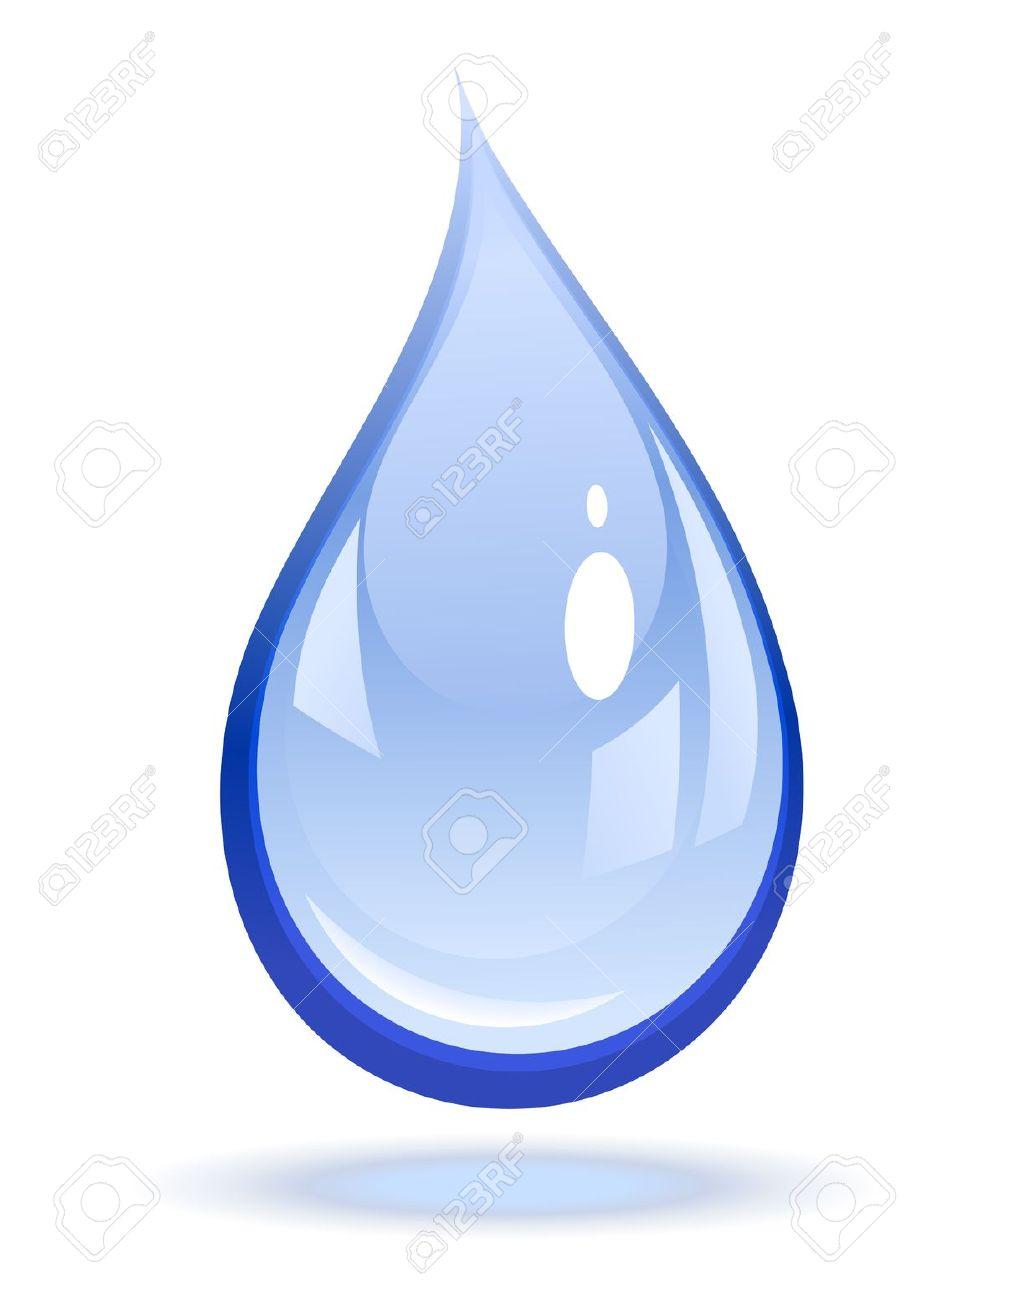 Illustrazione Vettoriale Di Una Goccia D'acqua Clipart Royalty.